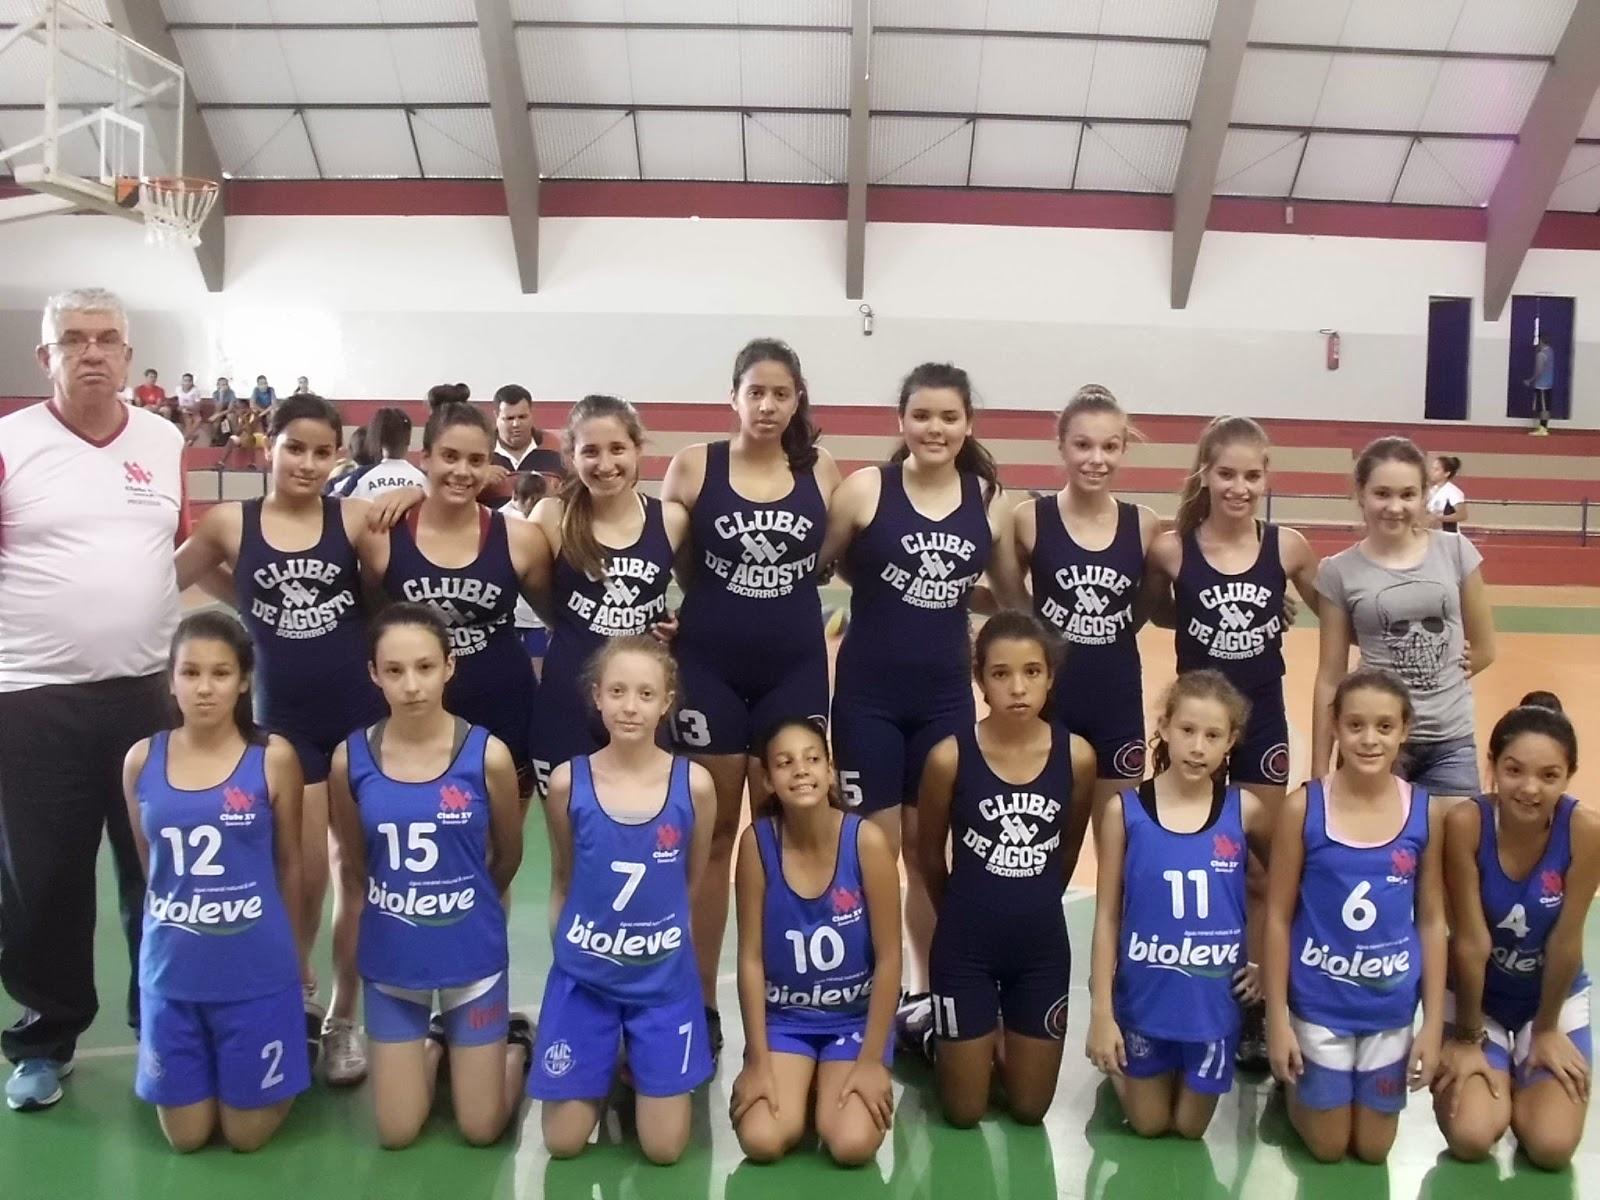 A equipe de basquetebol feminino do Clube XV Prefeitura de Socorro a25efe7e71324